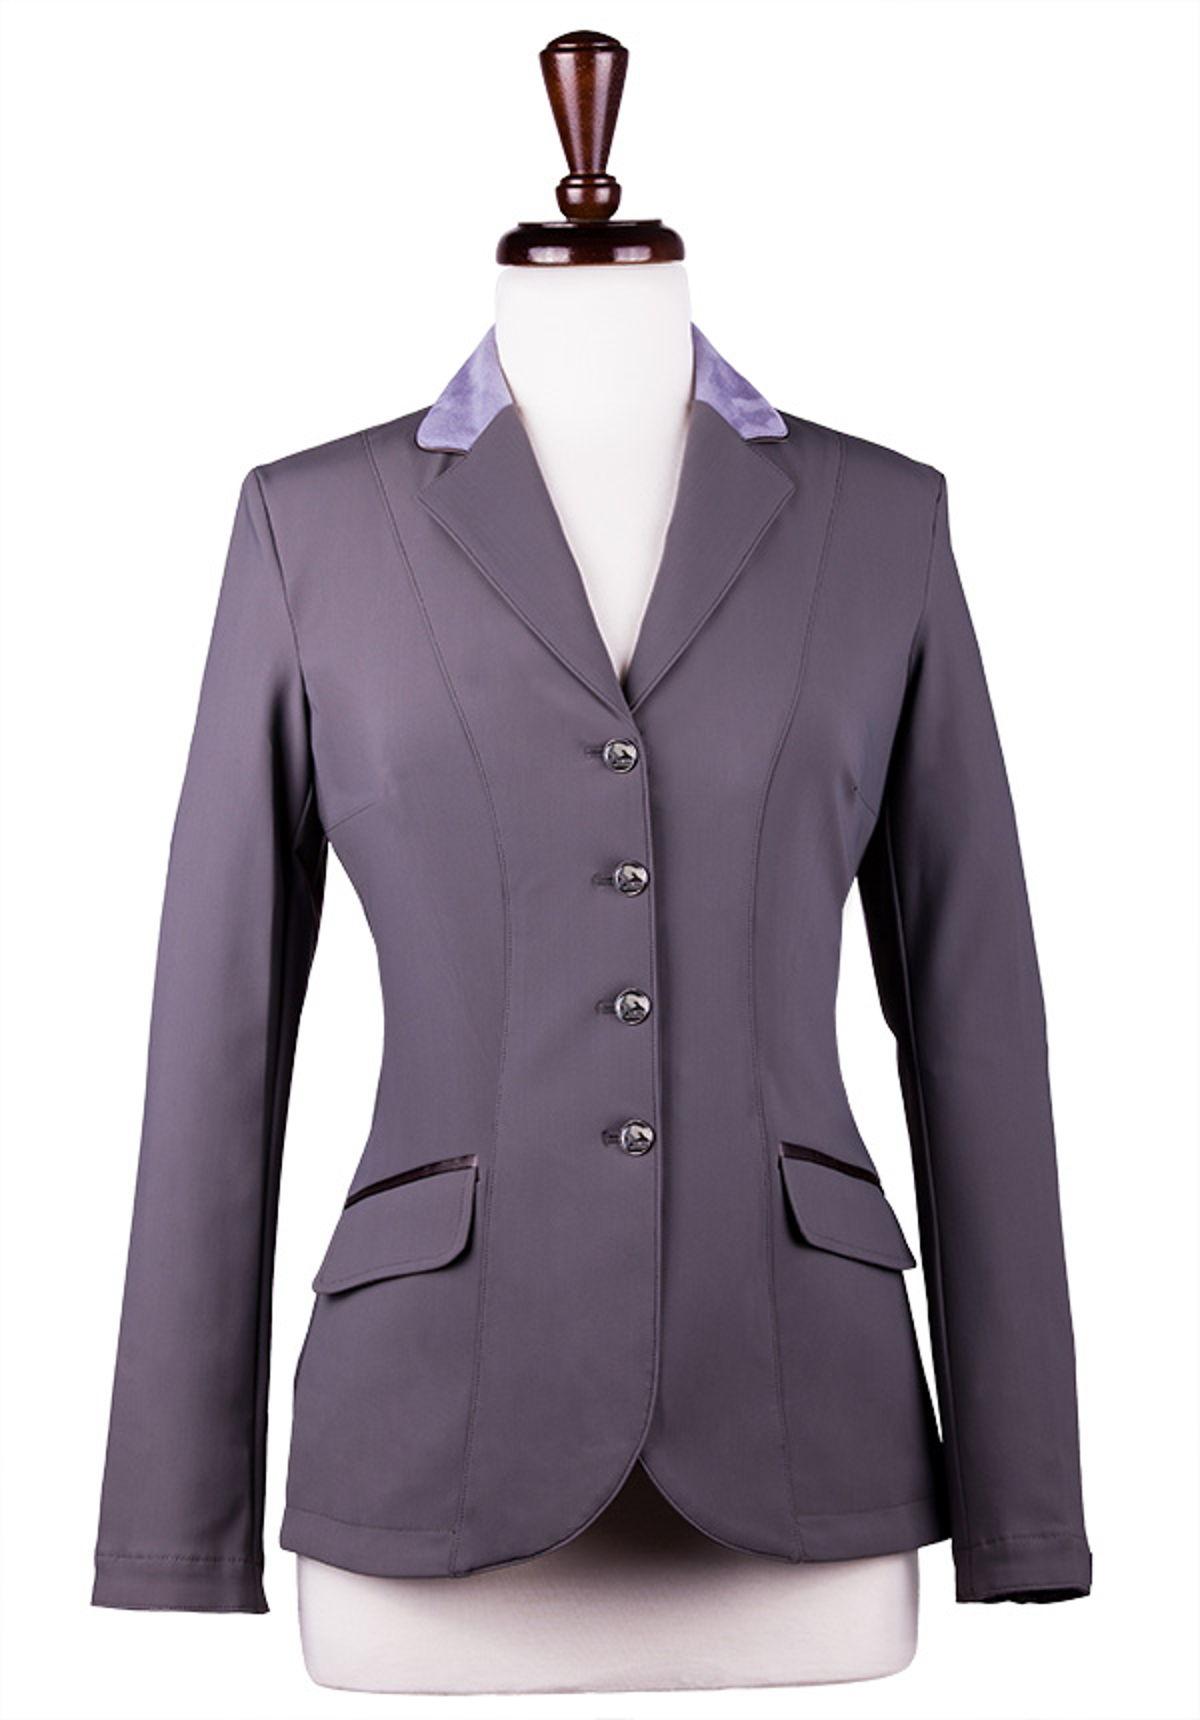 Grey with Violet suede